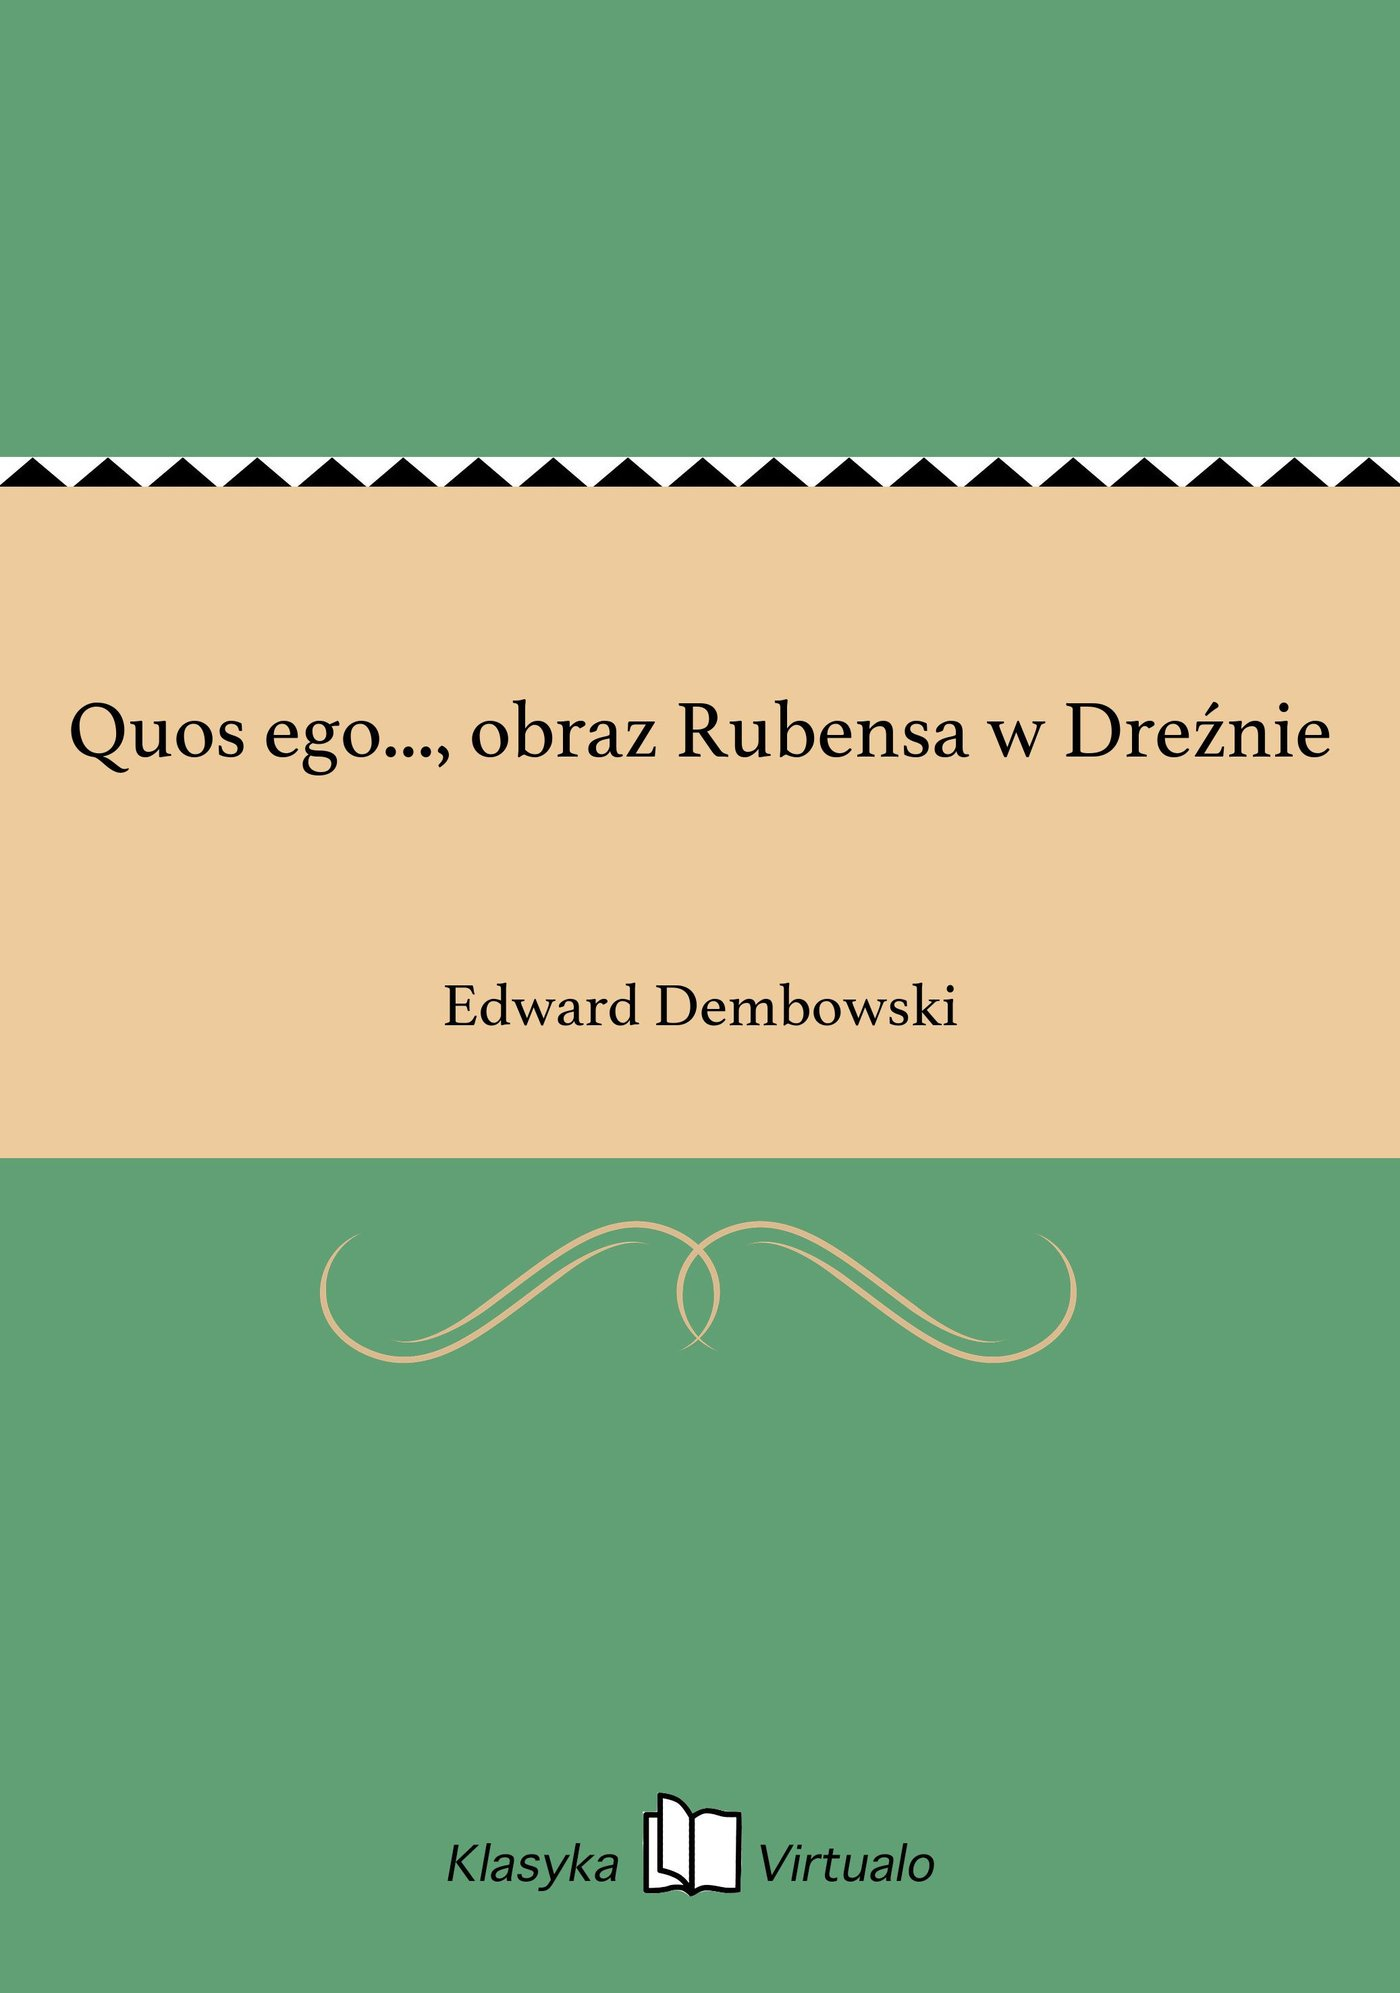 Quos ego..., obraz Rubensa w Dreźnie - Ebook (Książka EPUB) do pobrania w formacie EPUB